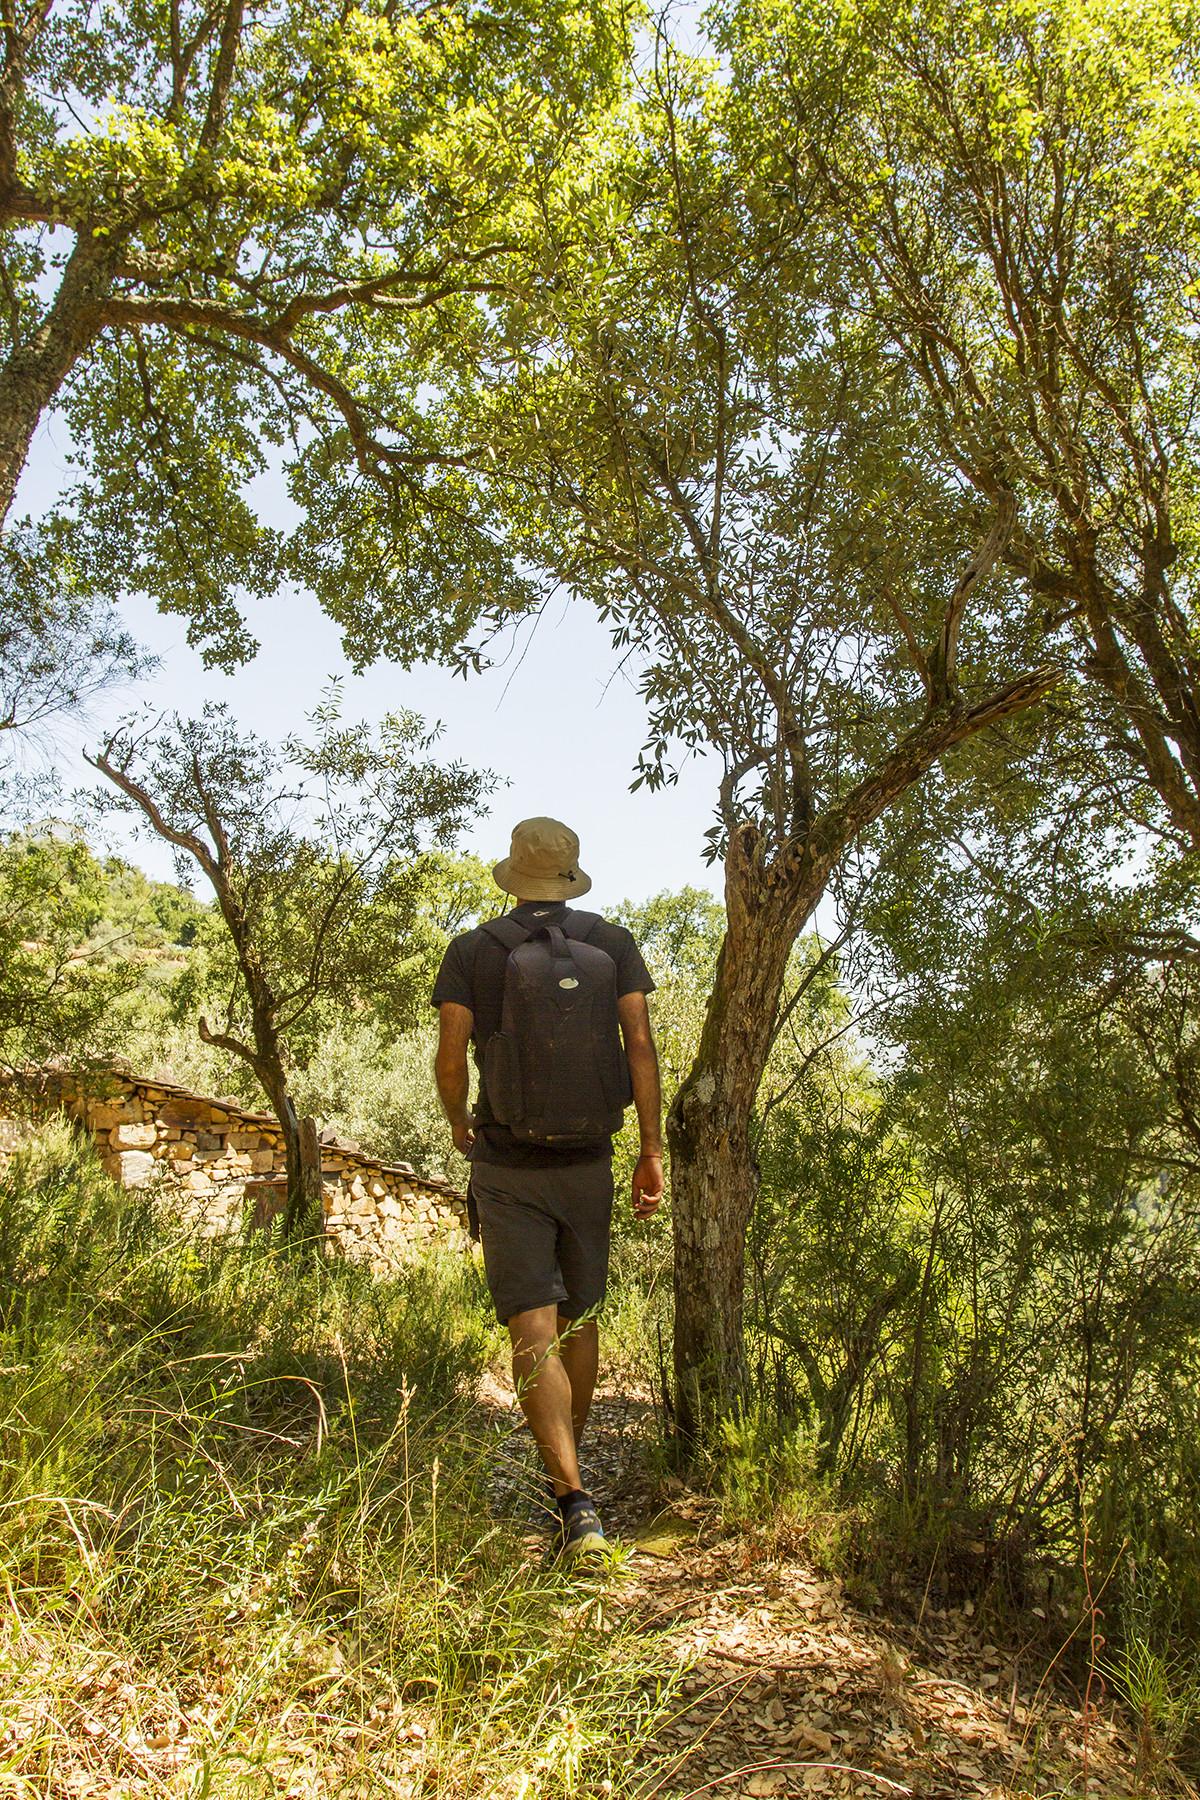 Percurso pedestre da Rota dos Socalcos